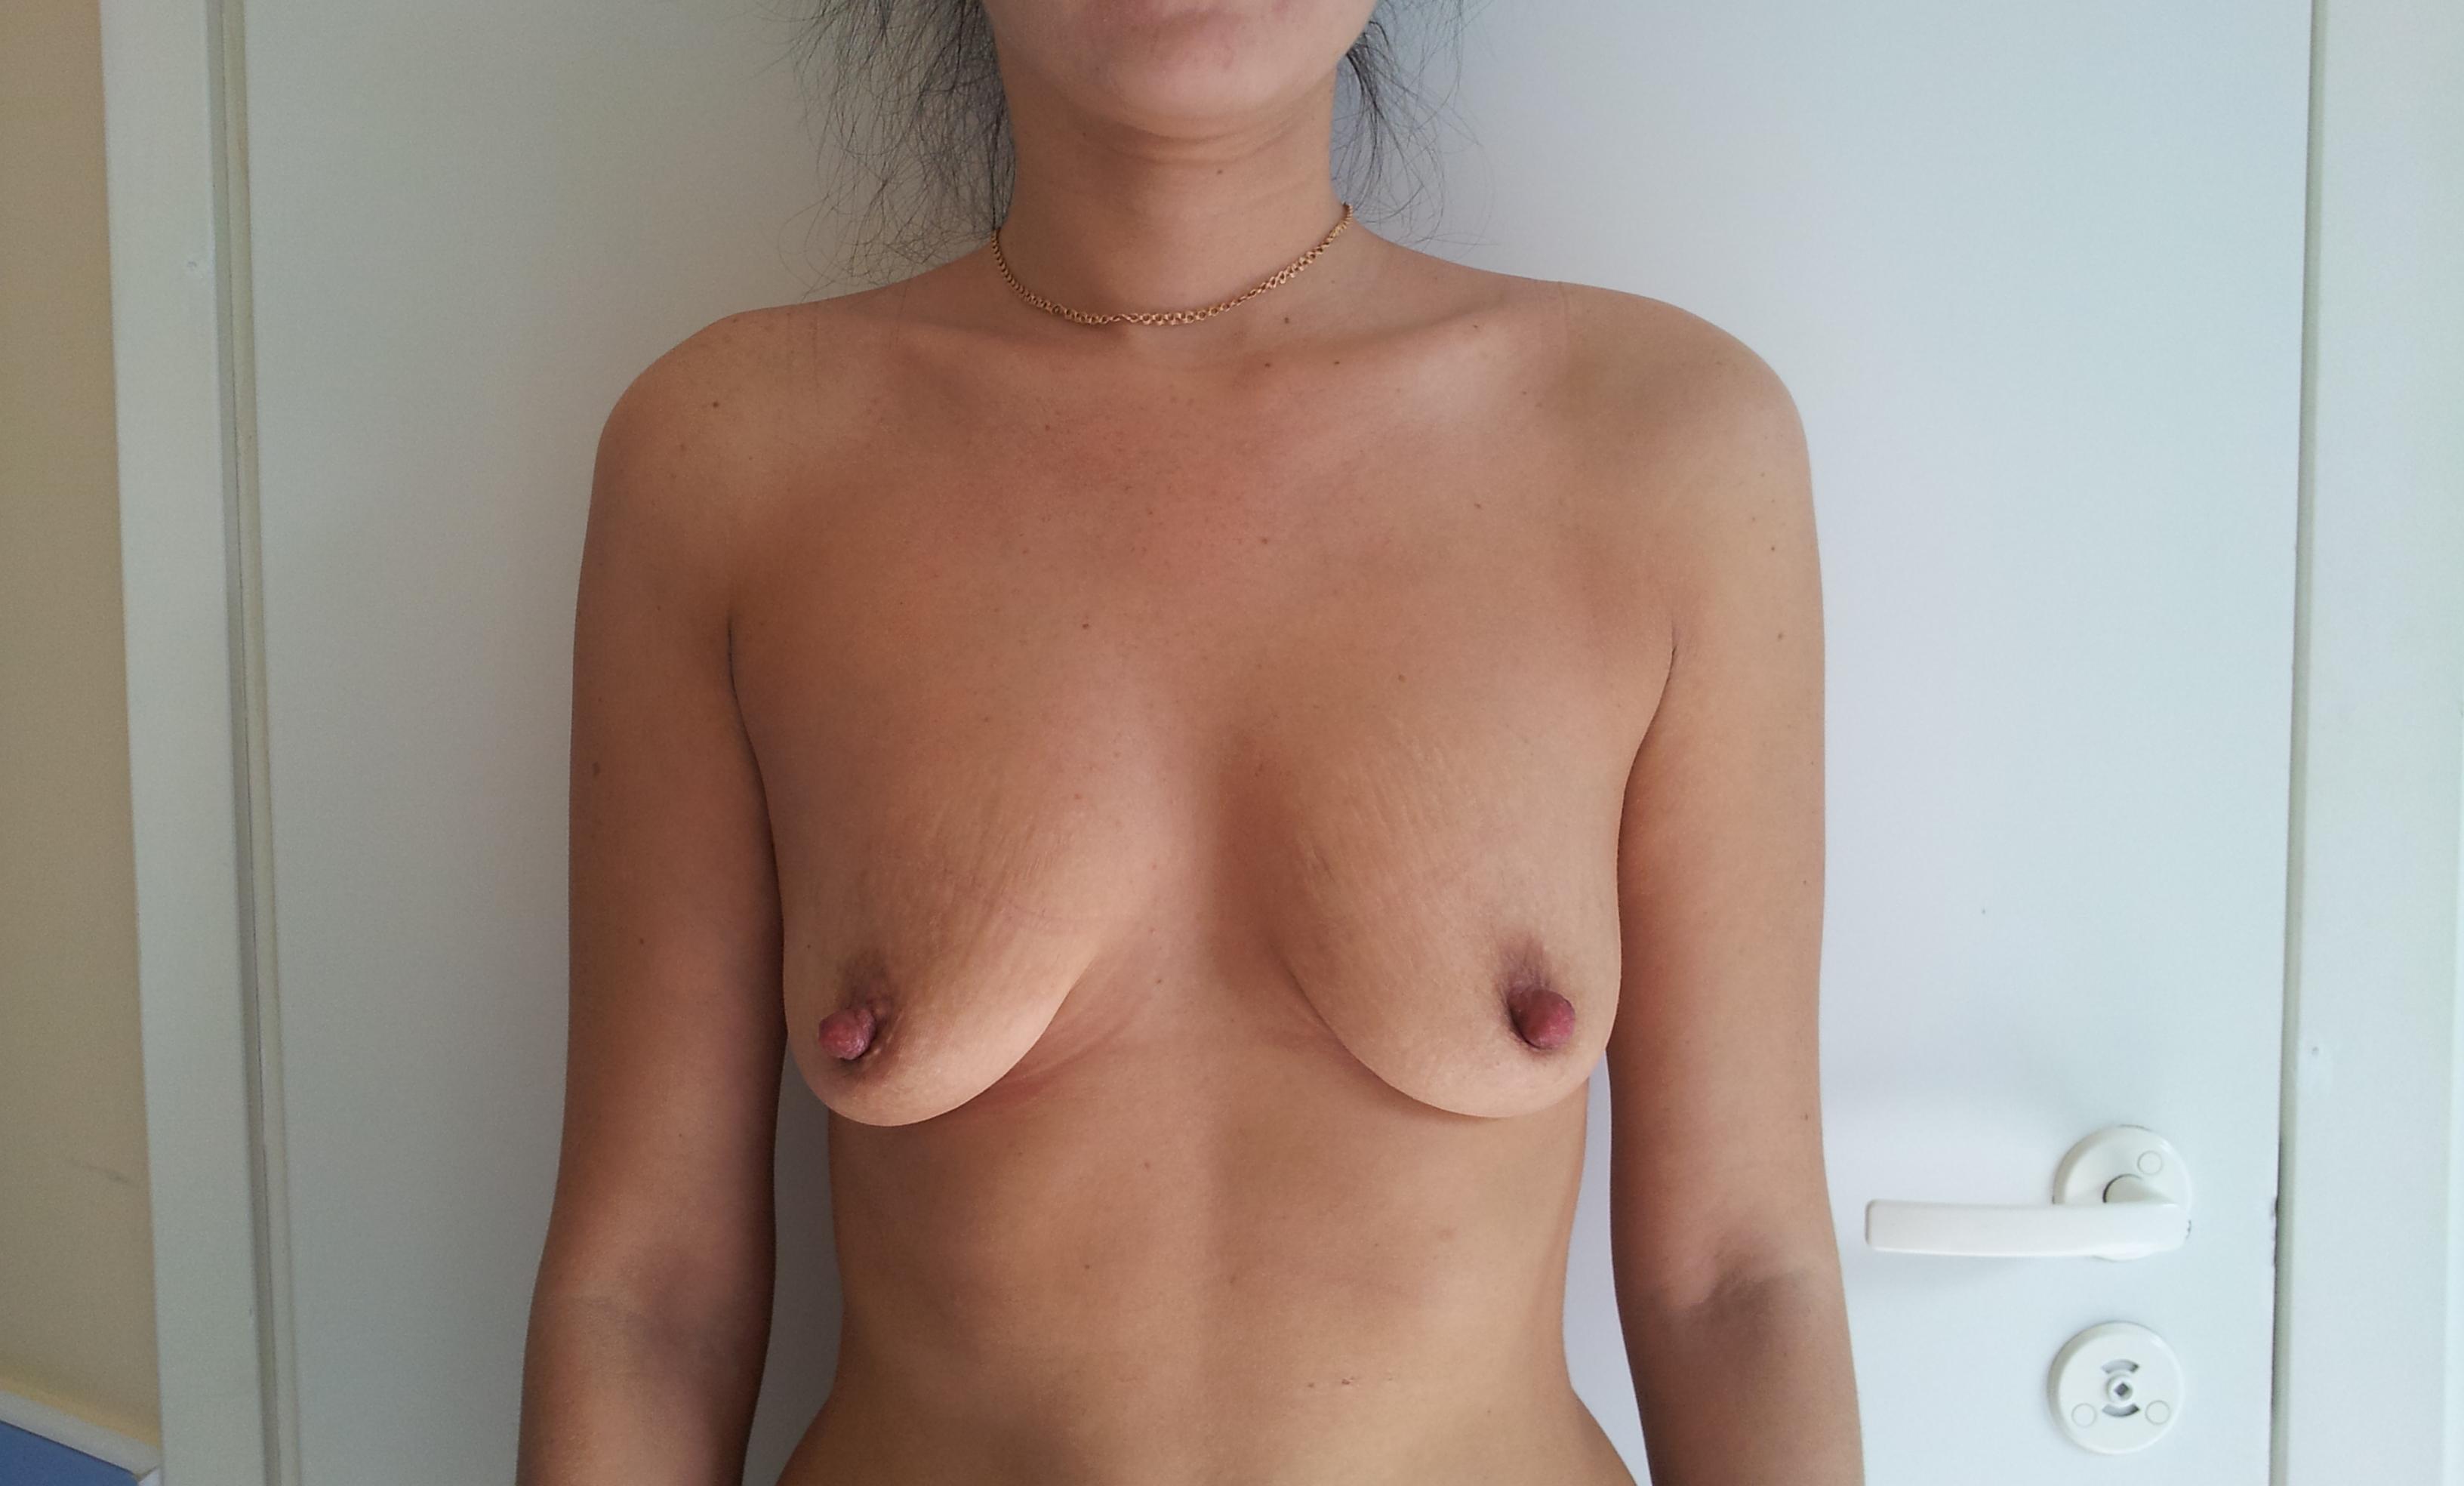 Сисек нет онлайн, Boobsa - Бесплатное порно - Большие Сиськи 11 фотография